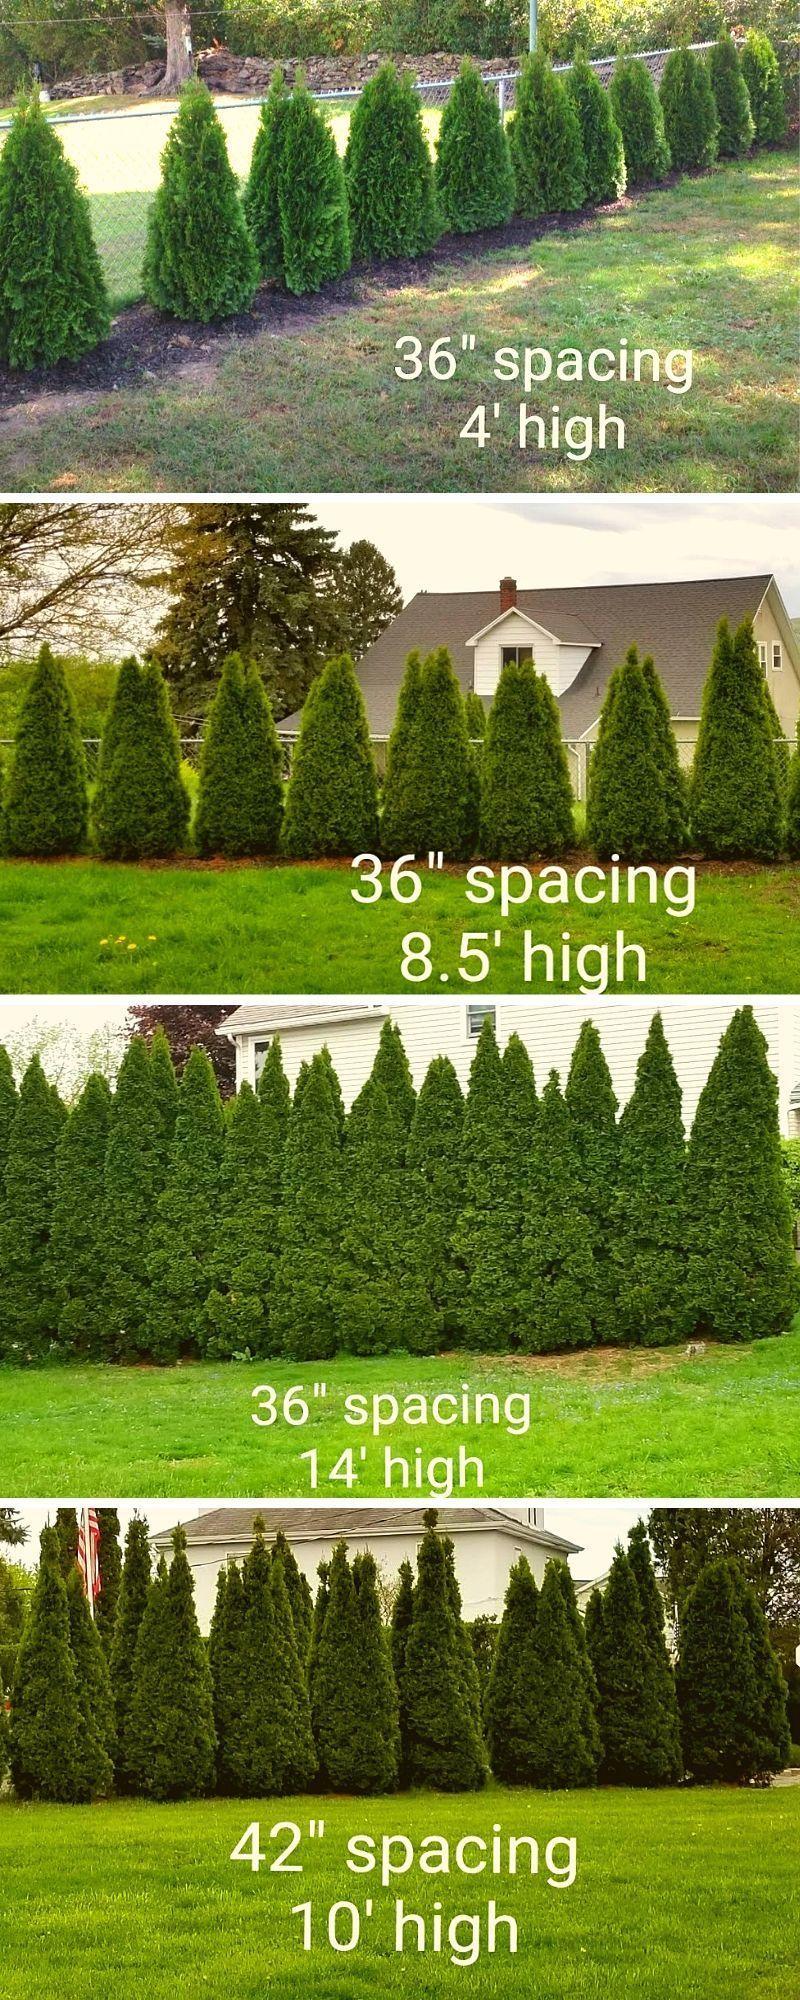 So Pflanzen Sie Datenschutzbaume Als Hecke Hubsche Lila Tur In 2020 Hecke Pflanzen Bepflanzung Baume Pflanzen